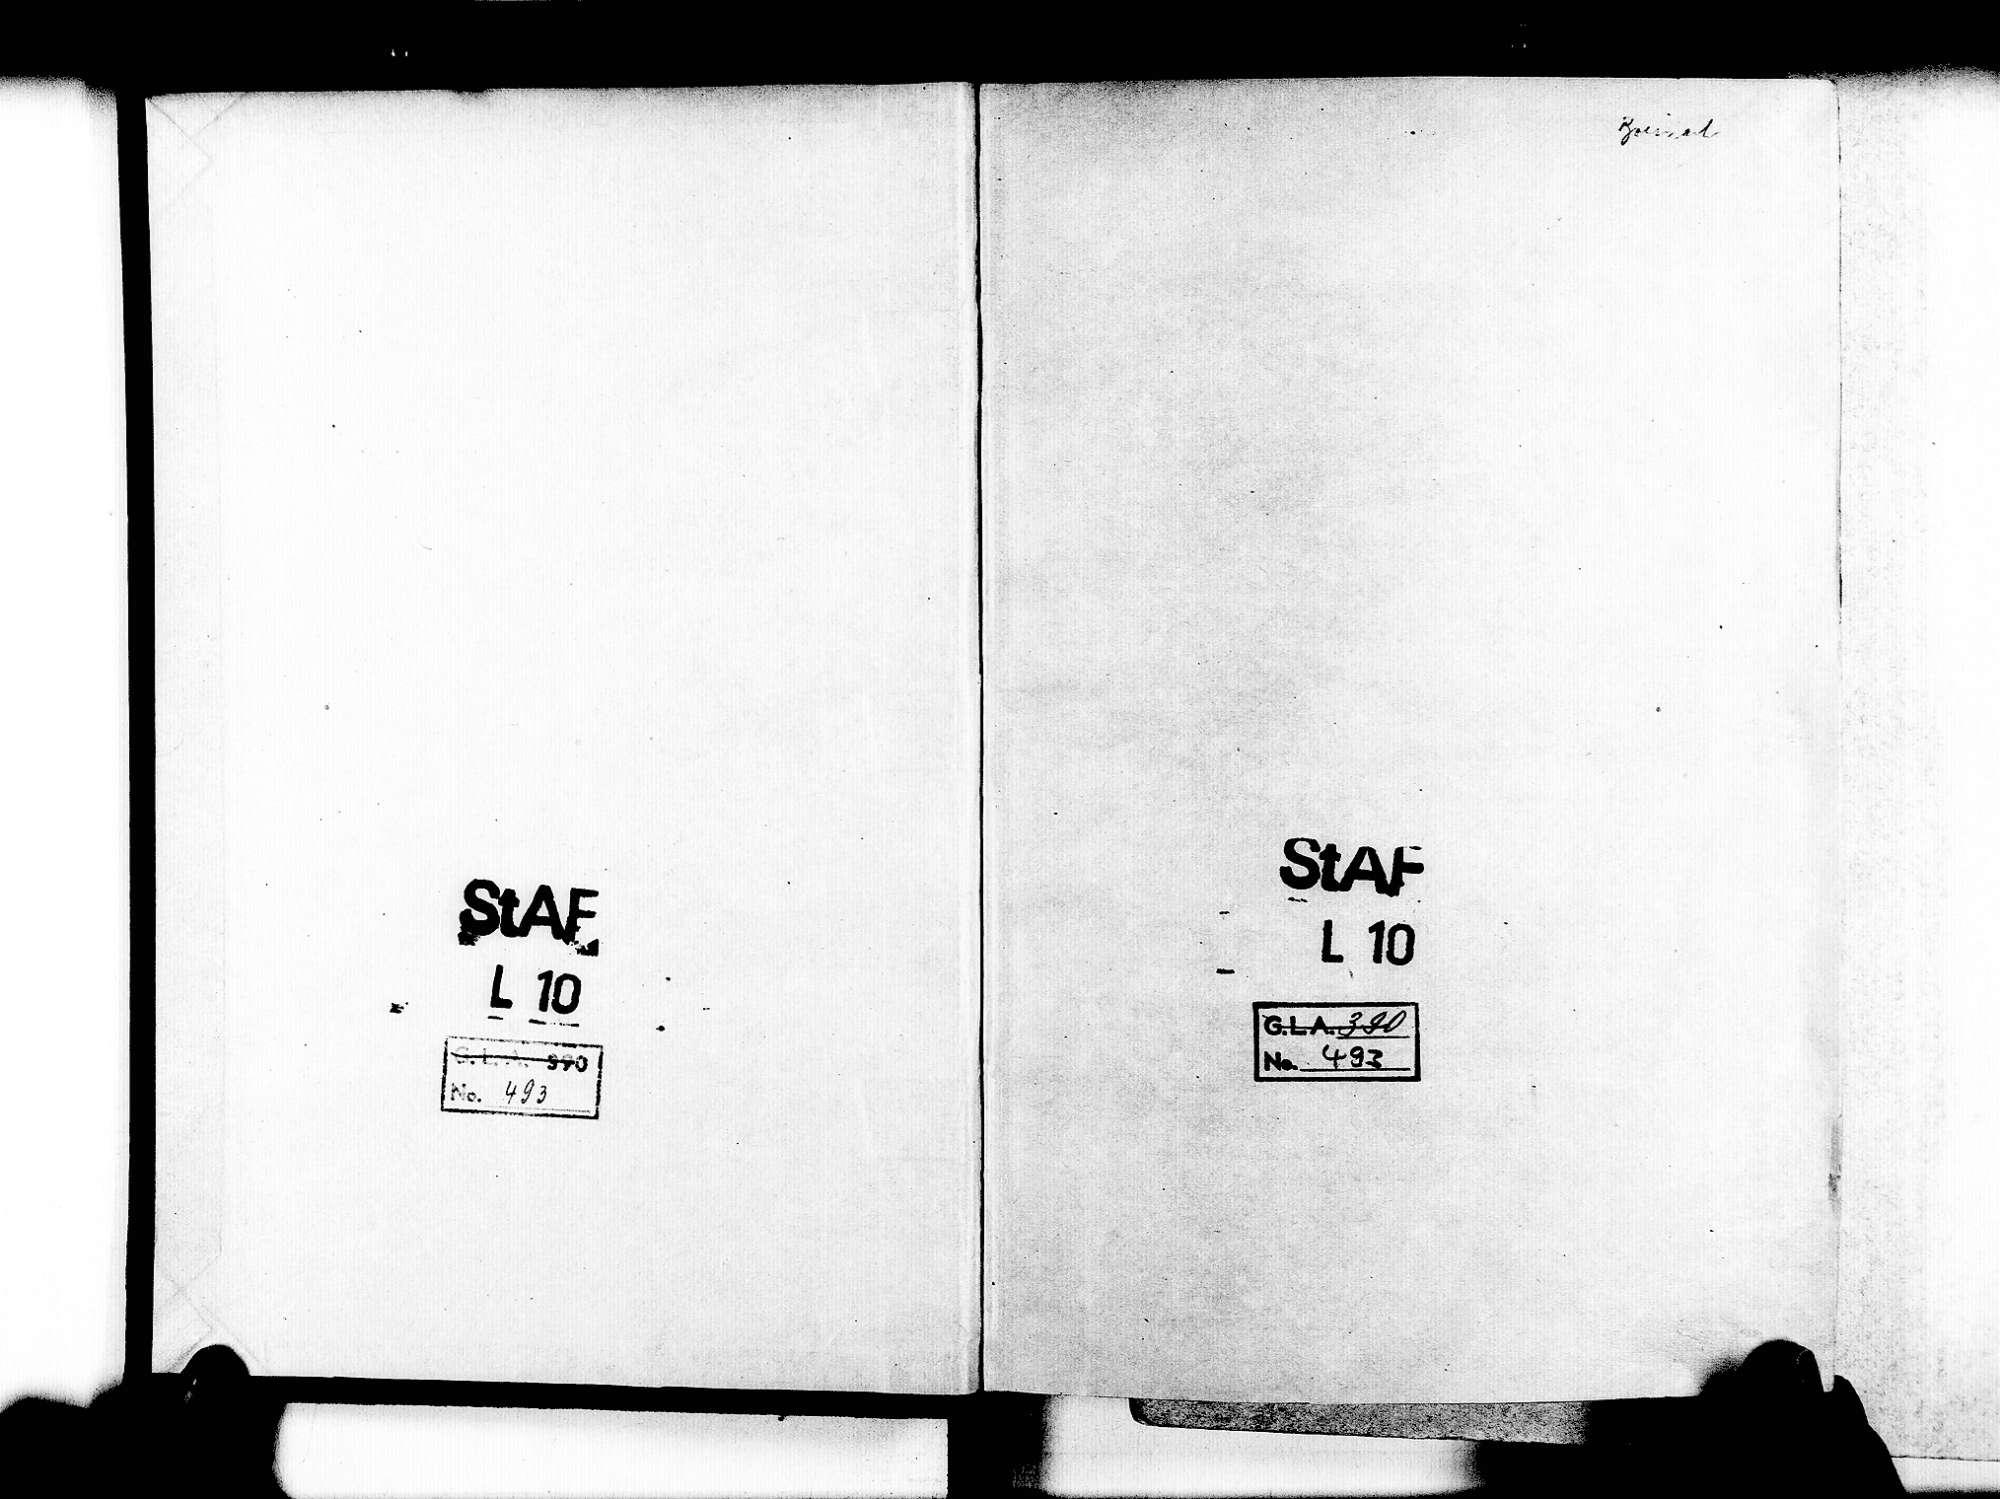 Ihringen FR; Evangelische Gemeinde: Standesbuch 1852-1858 Ihringen FR; Israelitische Gemeinde: Standesbuch 1852-1858, Bild 3